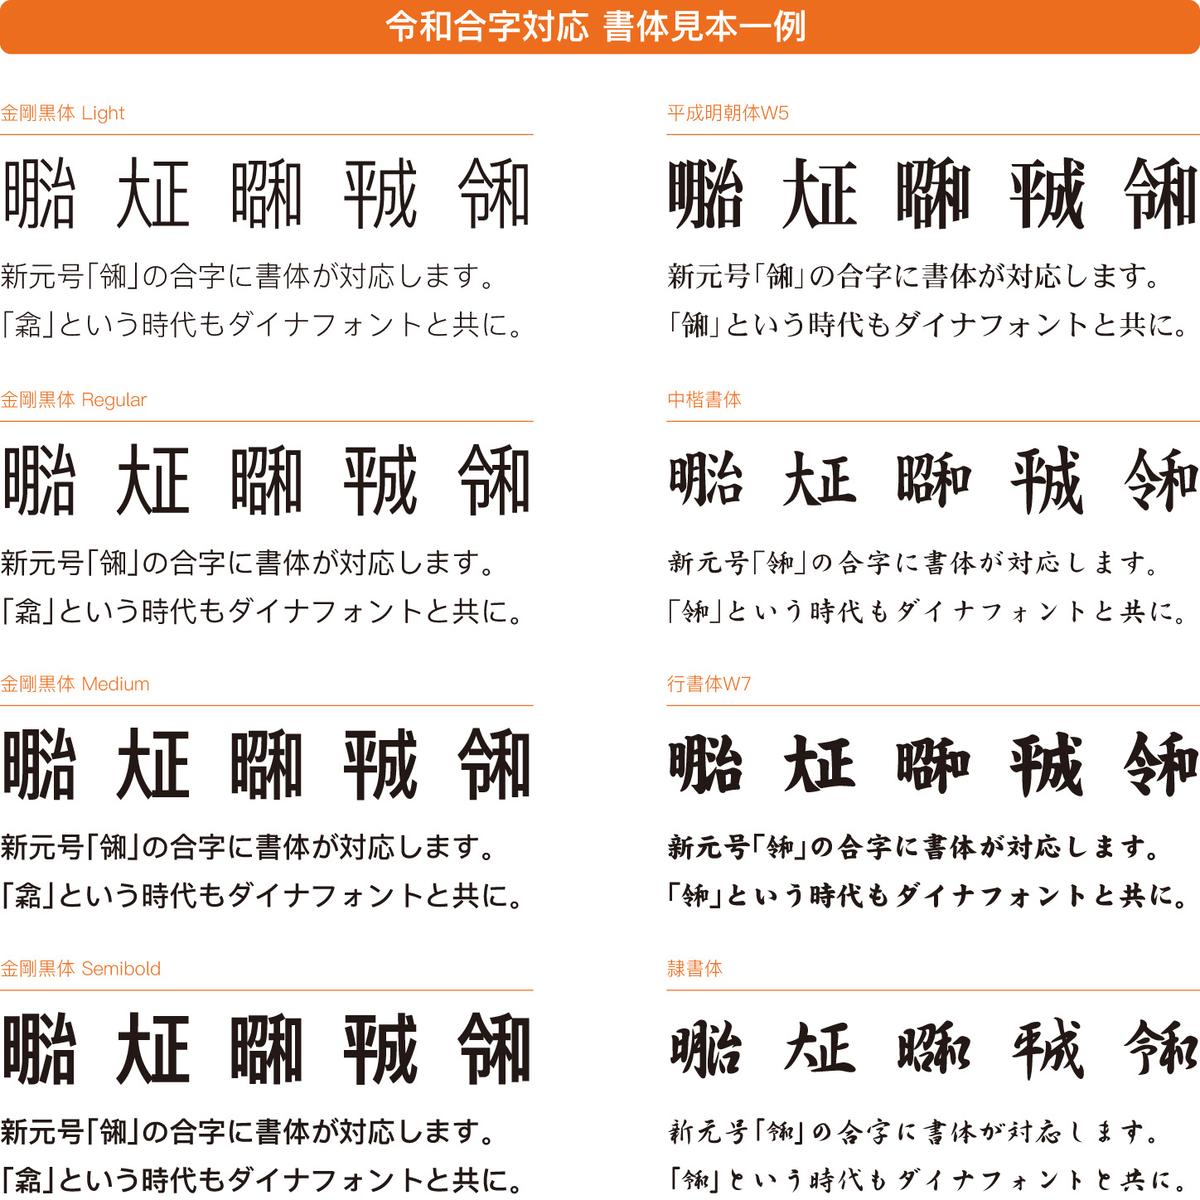 f:id:mojiru:20190426085800j:plain